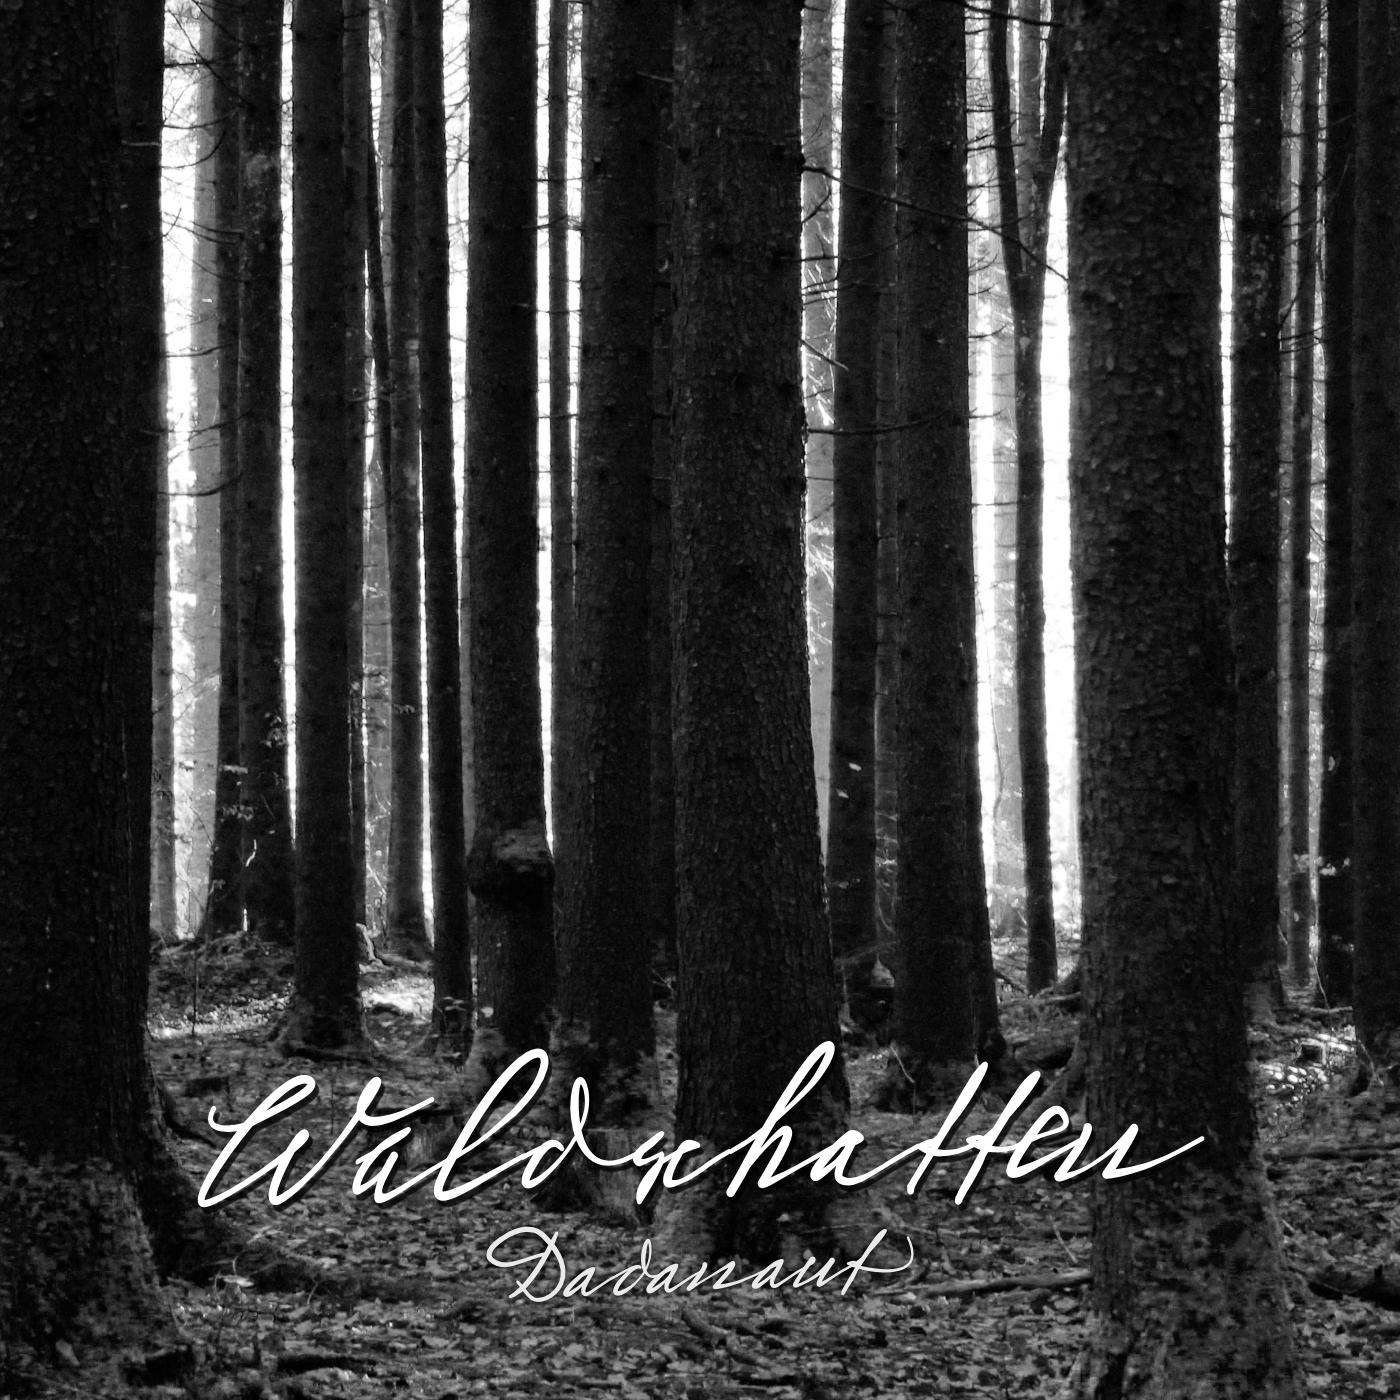 Waldschatten – ein Lied von Dadanaut - eine frühe Idee